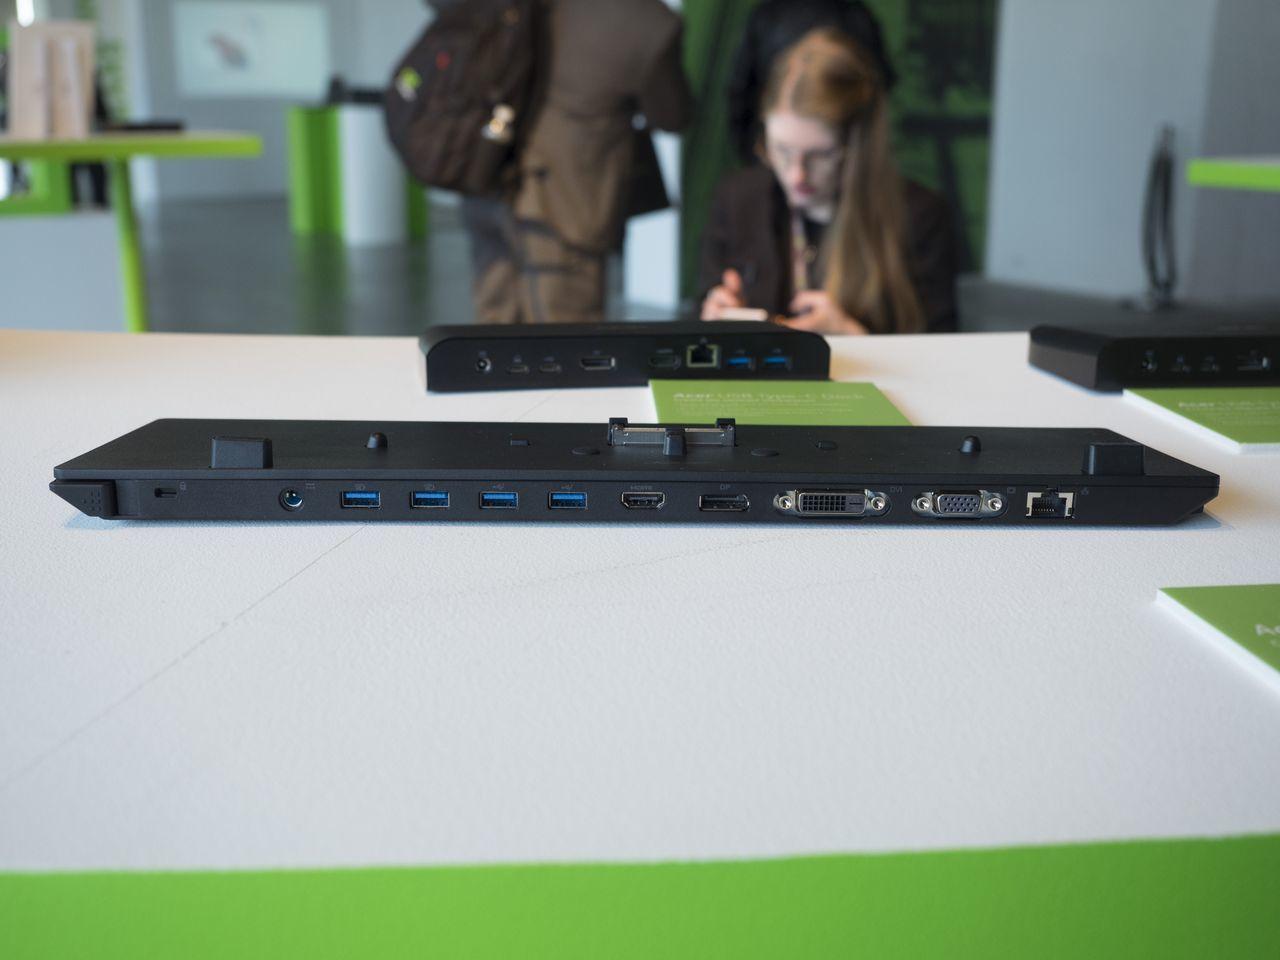 Next@Acer: Самый мощный игровой ноутбук с воздушным охлаждением, велокомпьютер, Chromebook для работы и другие новинки - 37